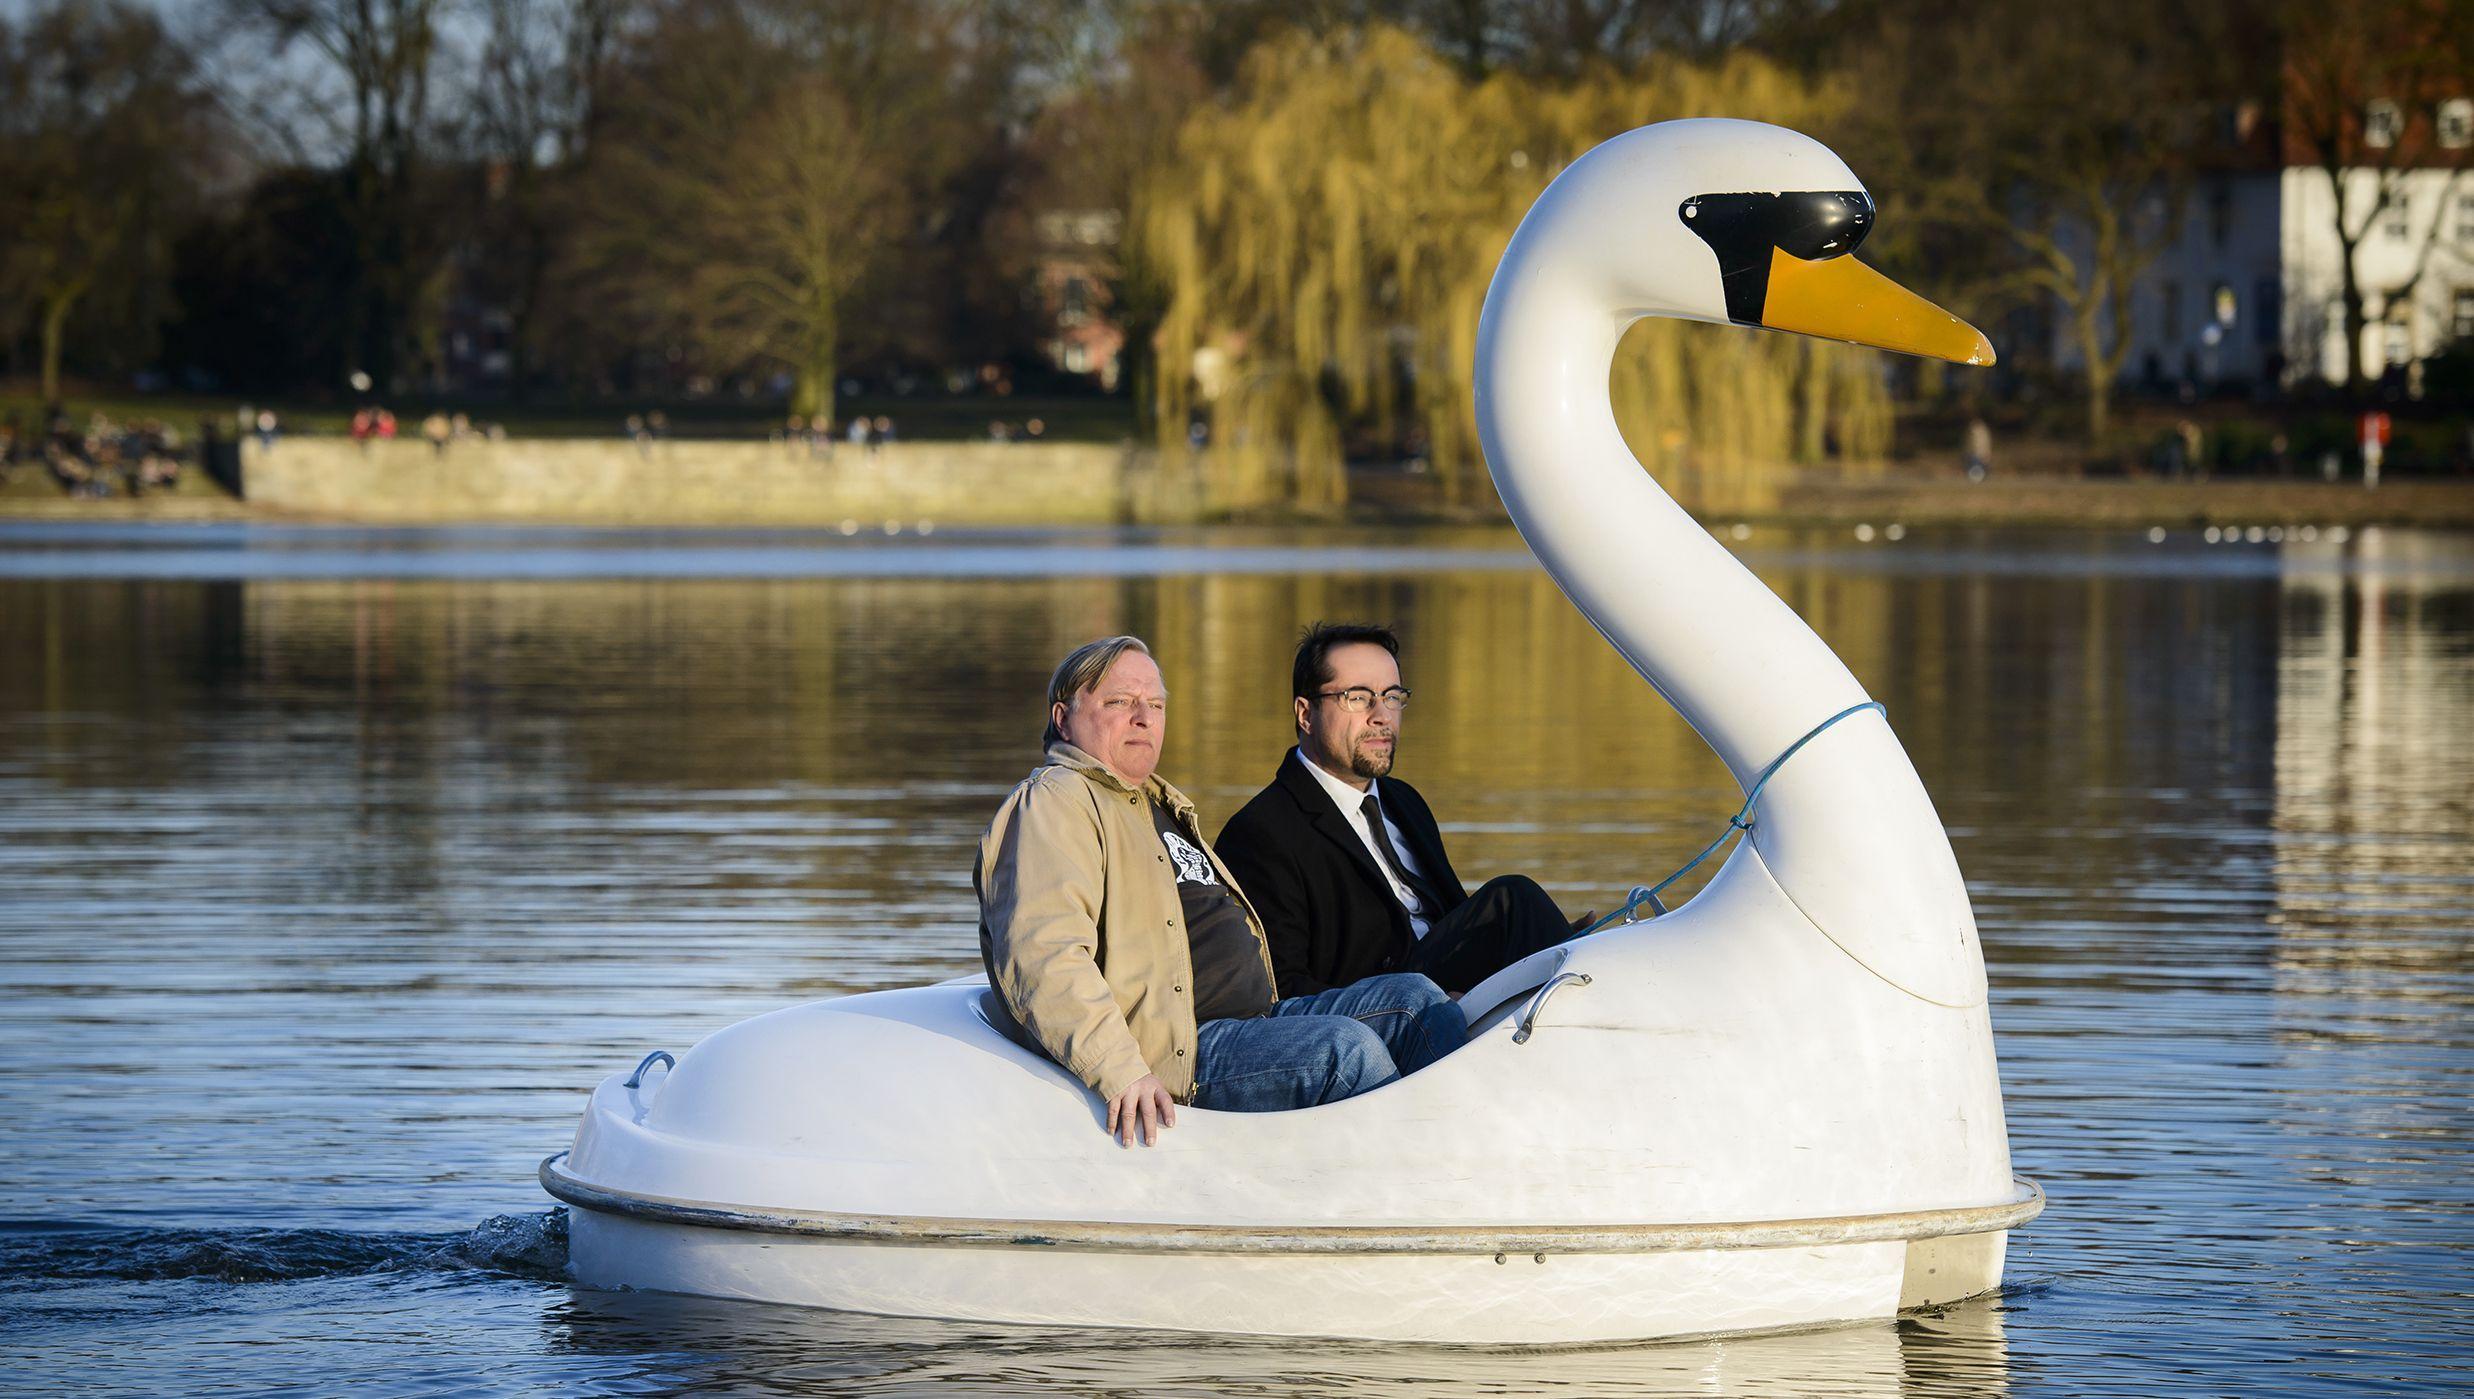 Frank Thiel (Axel Prahl, l) und Professor Boerne (Jan Josef Liefers), an Bord eines Tretbootes.